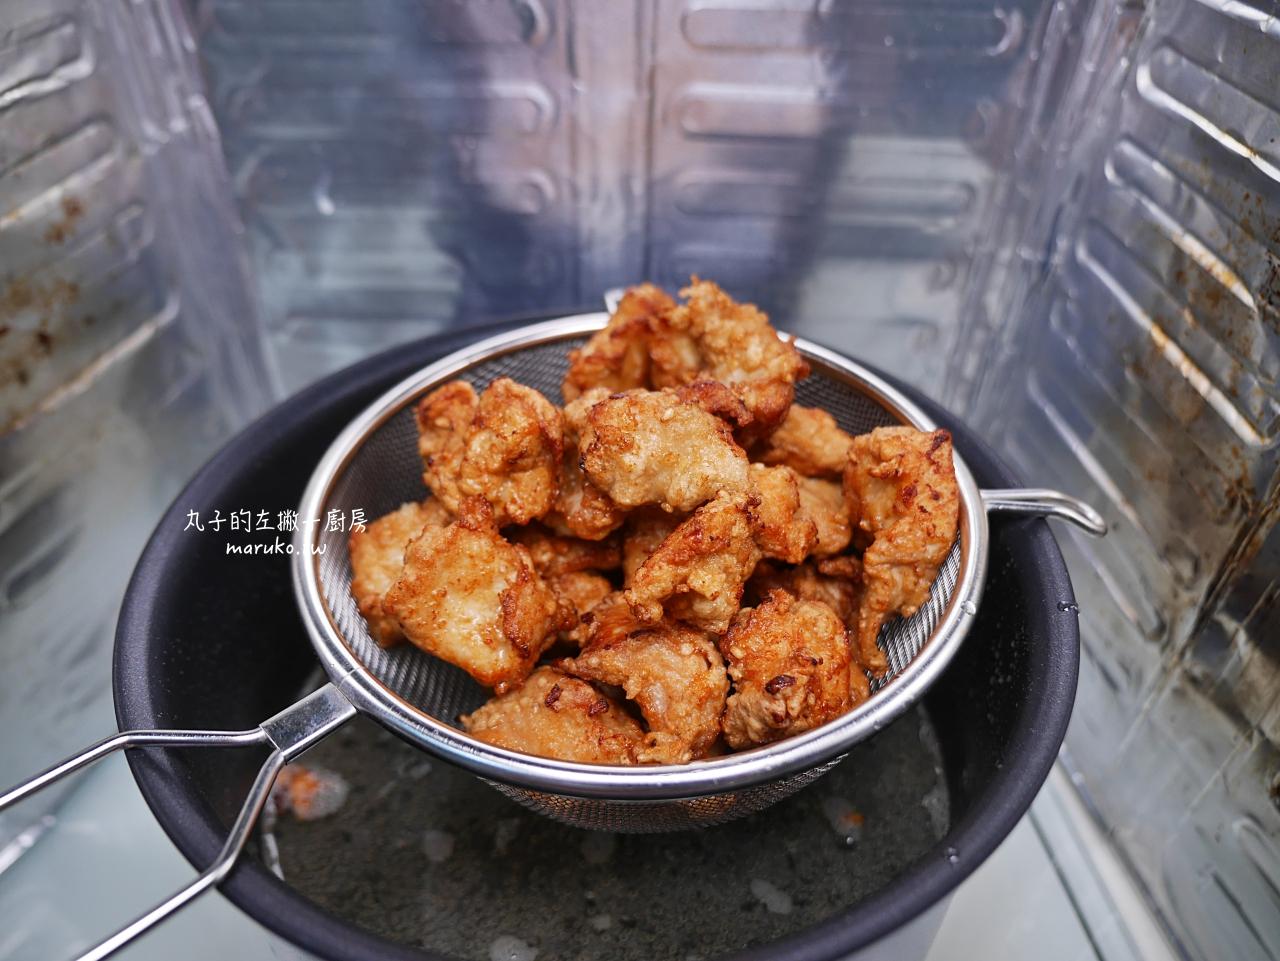 【炸雞食譜】台式香香雞|自製濕粉油炸香香雞的美味祕訣 @Maruko與美食有個約會